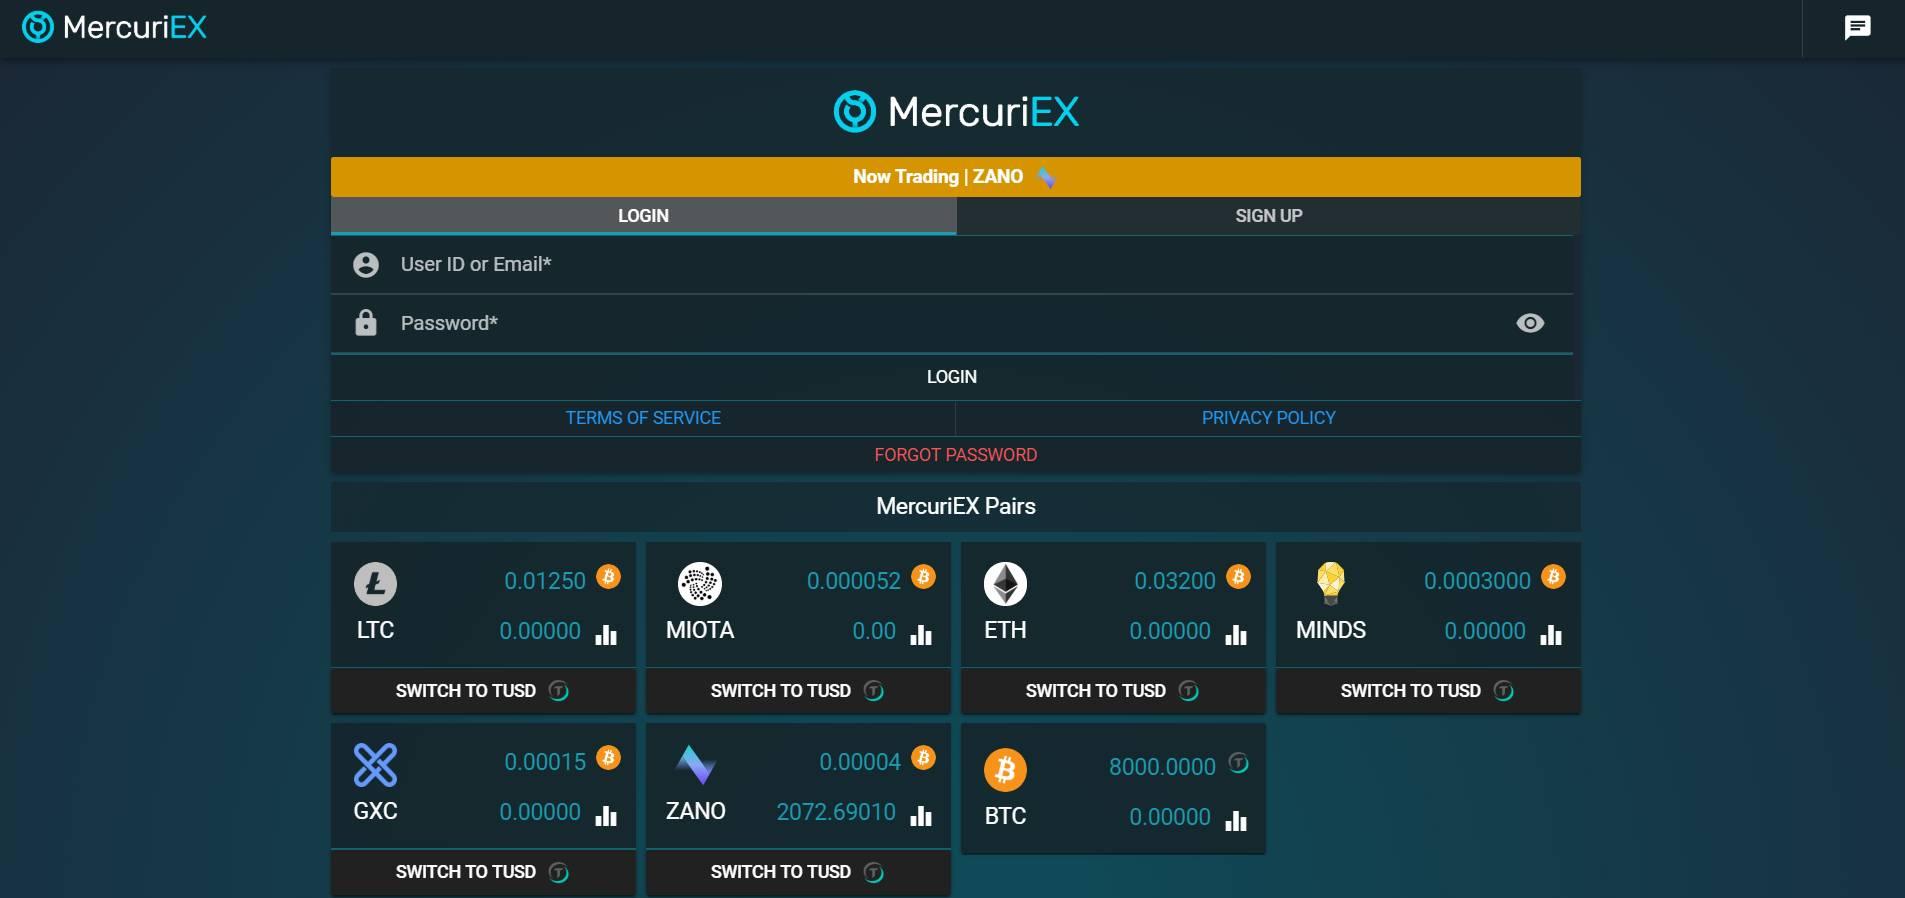 MercuriEX